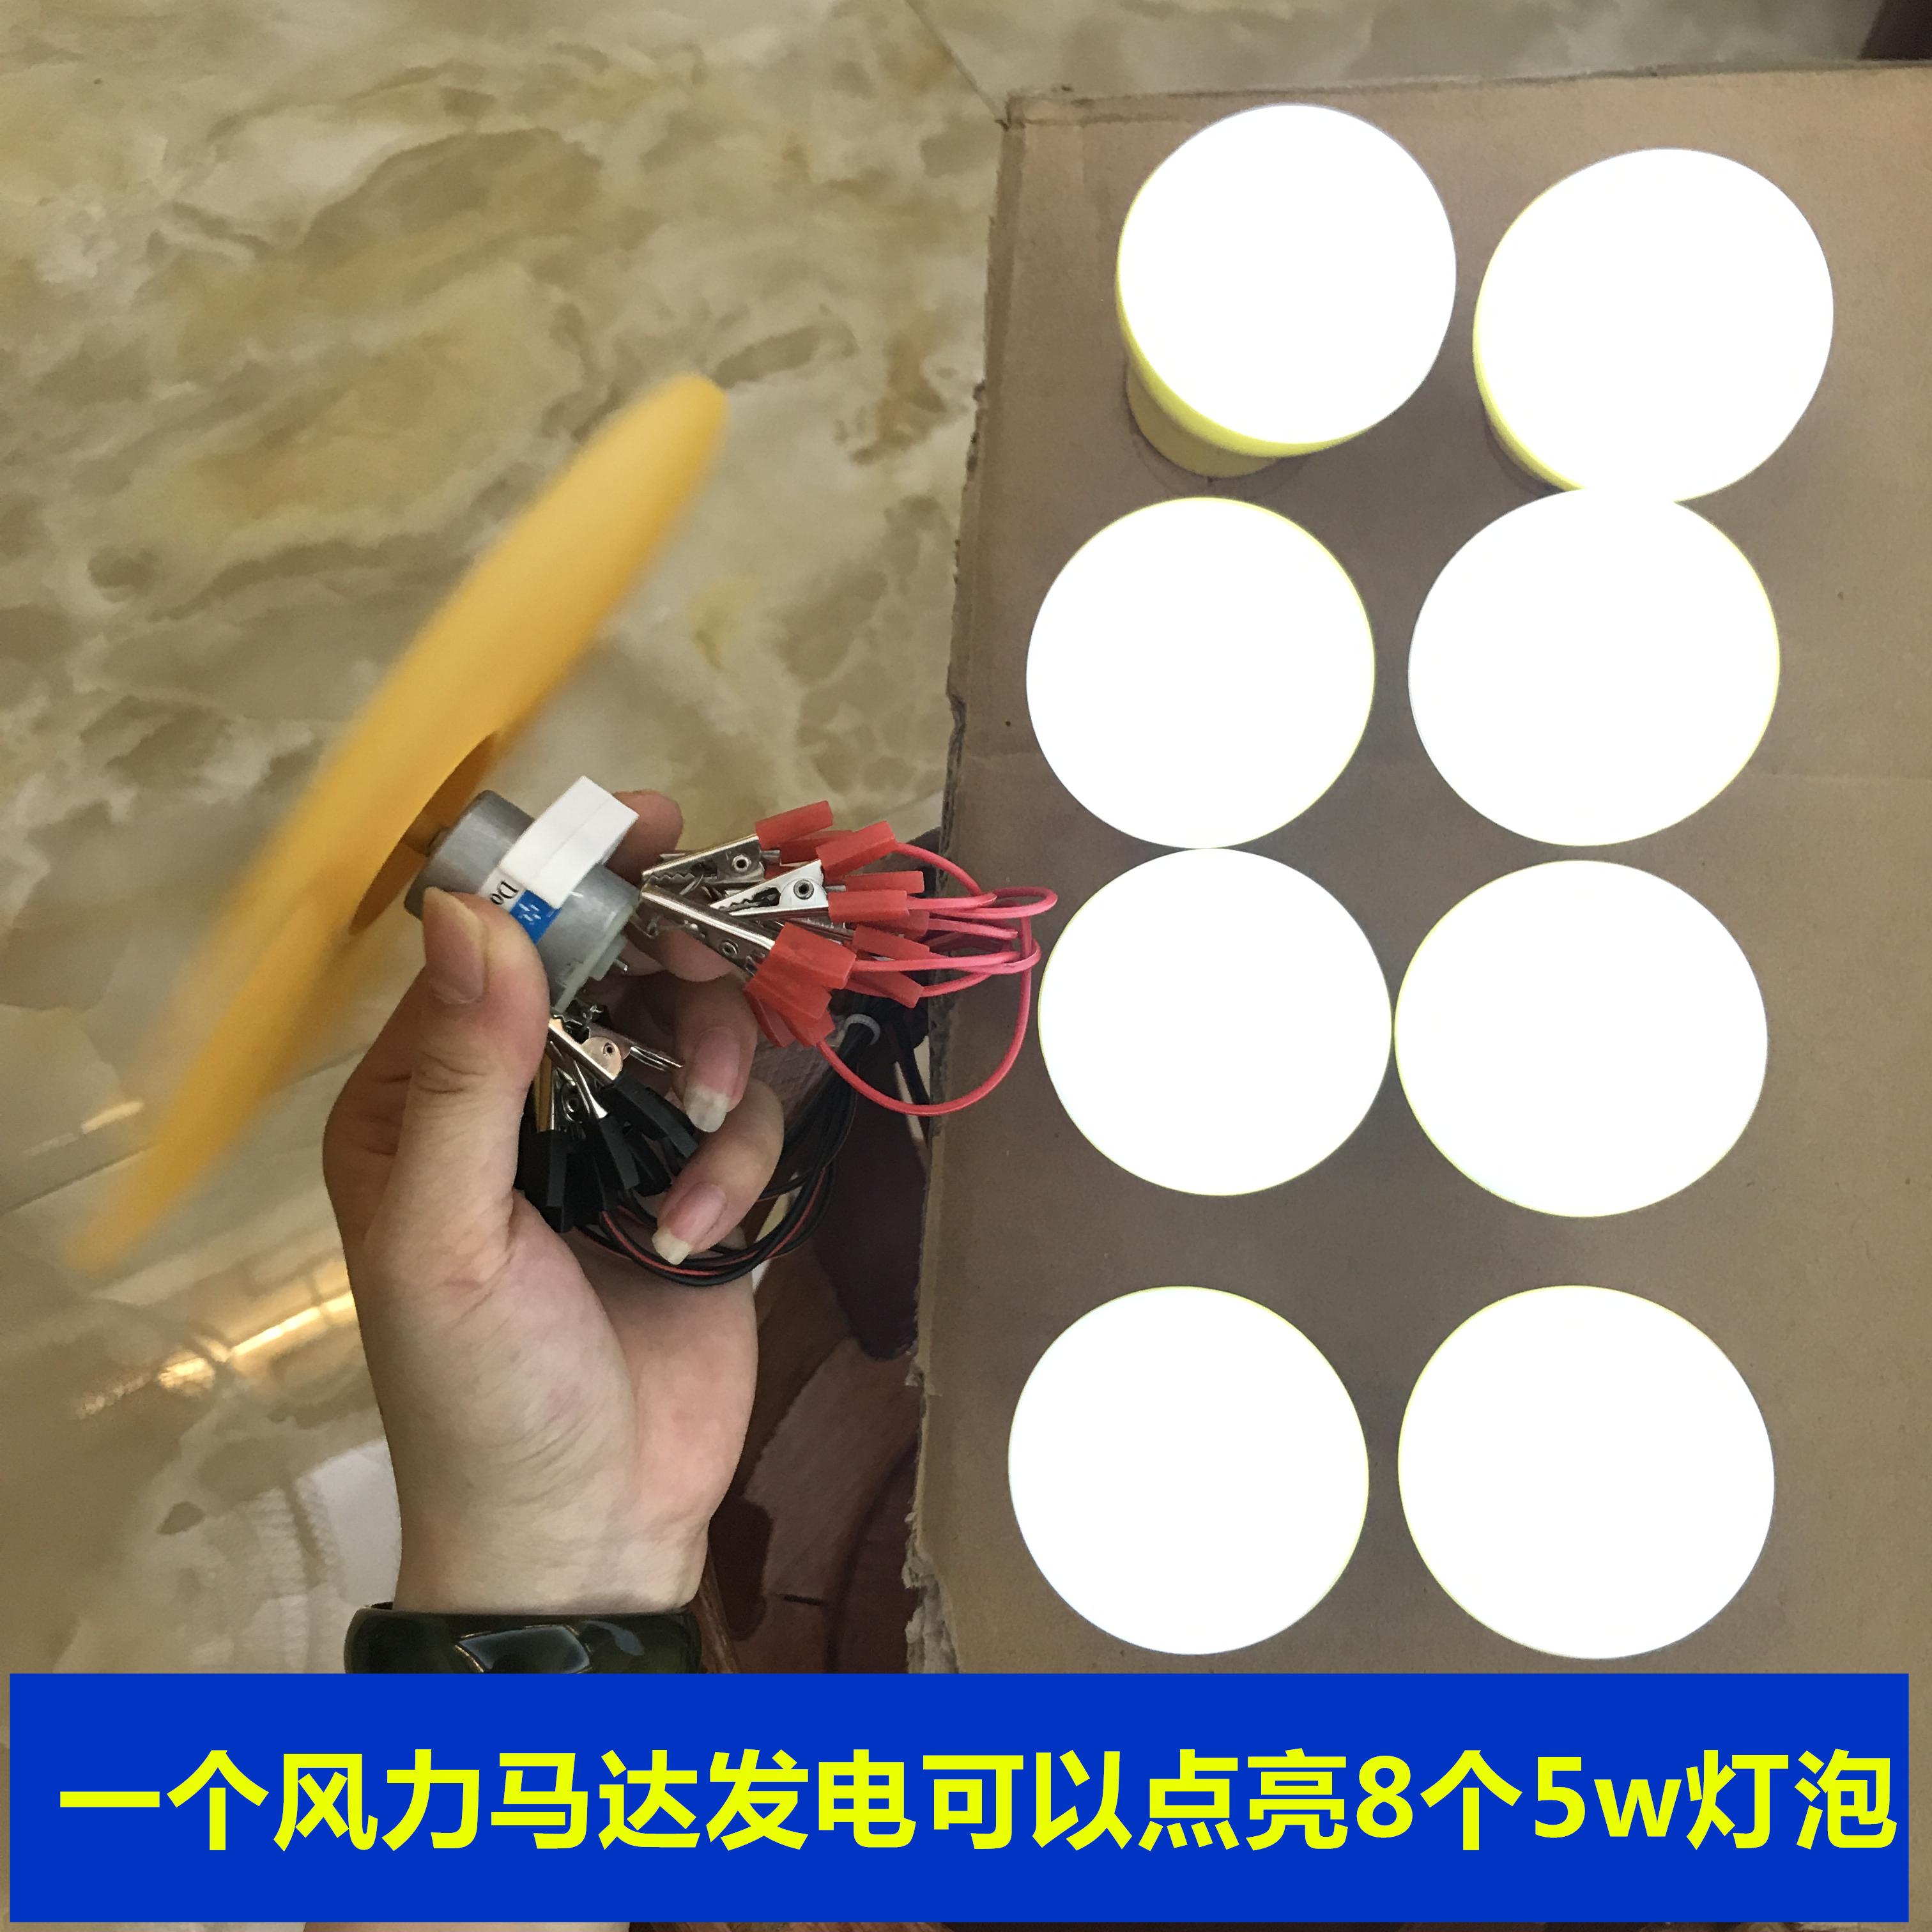 小微型风力发电机马达风能发电机风扇led灯物理科学实验科普手工